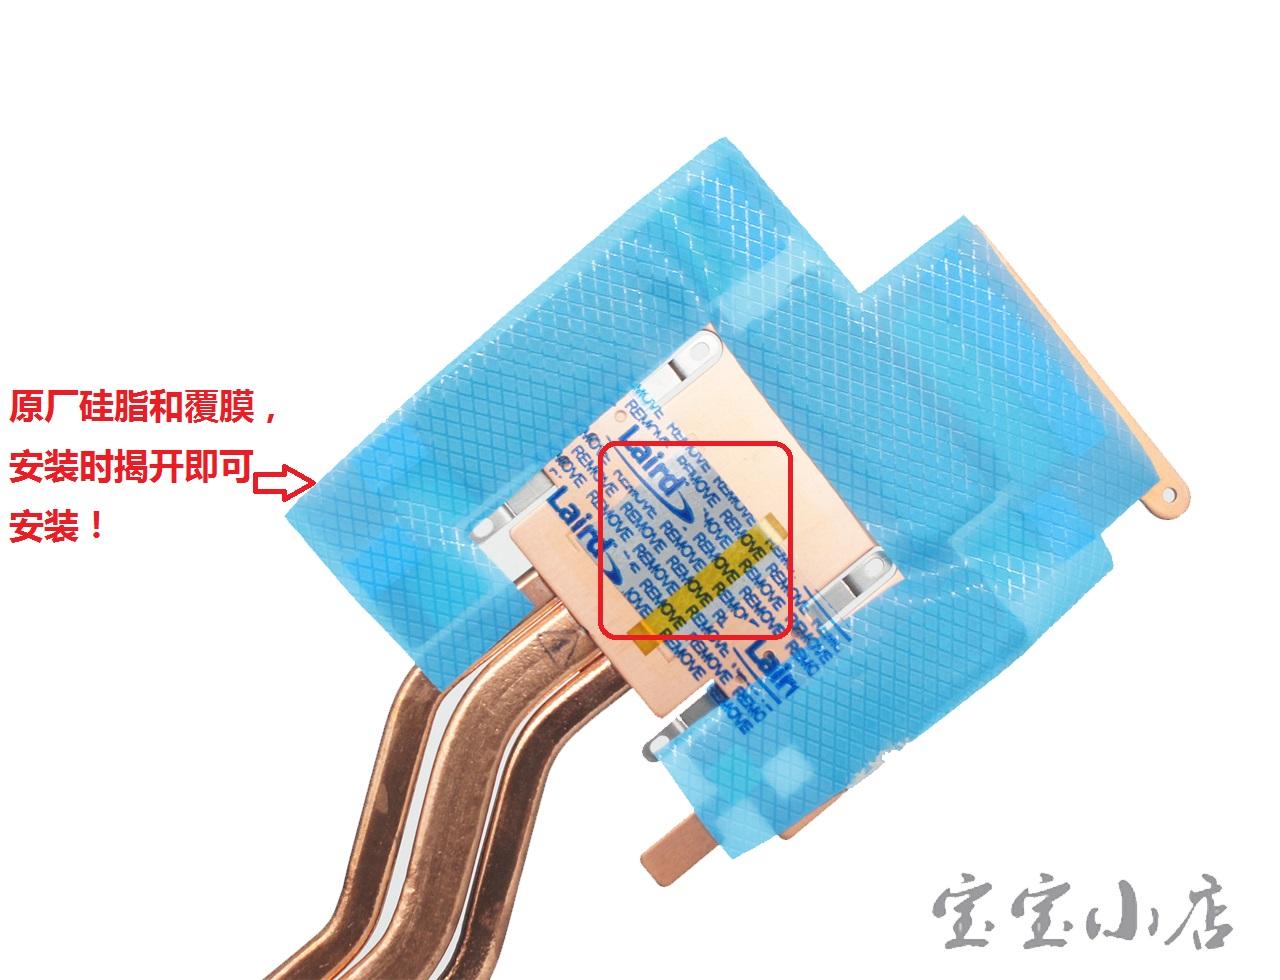 NVIDIA GTX 1070 蓝天Clevo p870dm2-g p870km-g2 散热器 导热铜管 模组cooling Radiator Heatsink 6-31-P872N-202